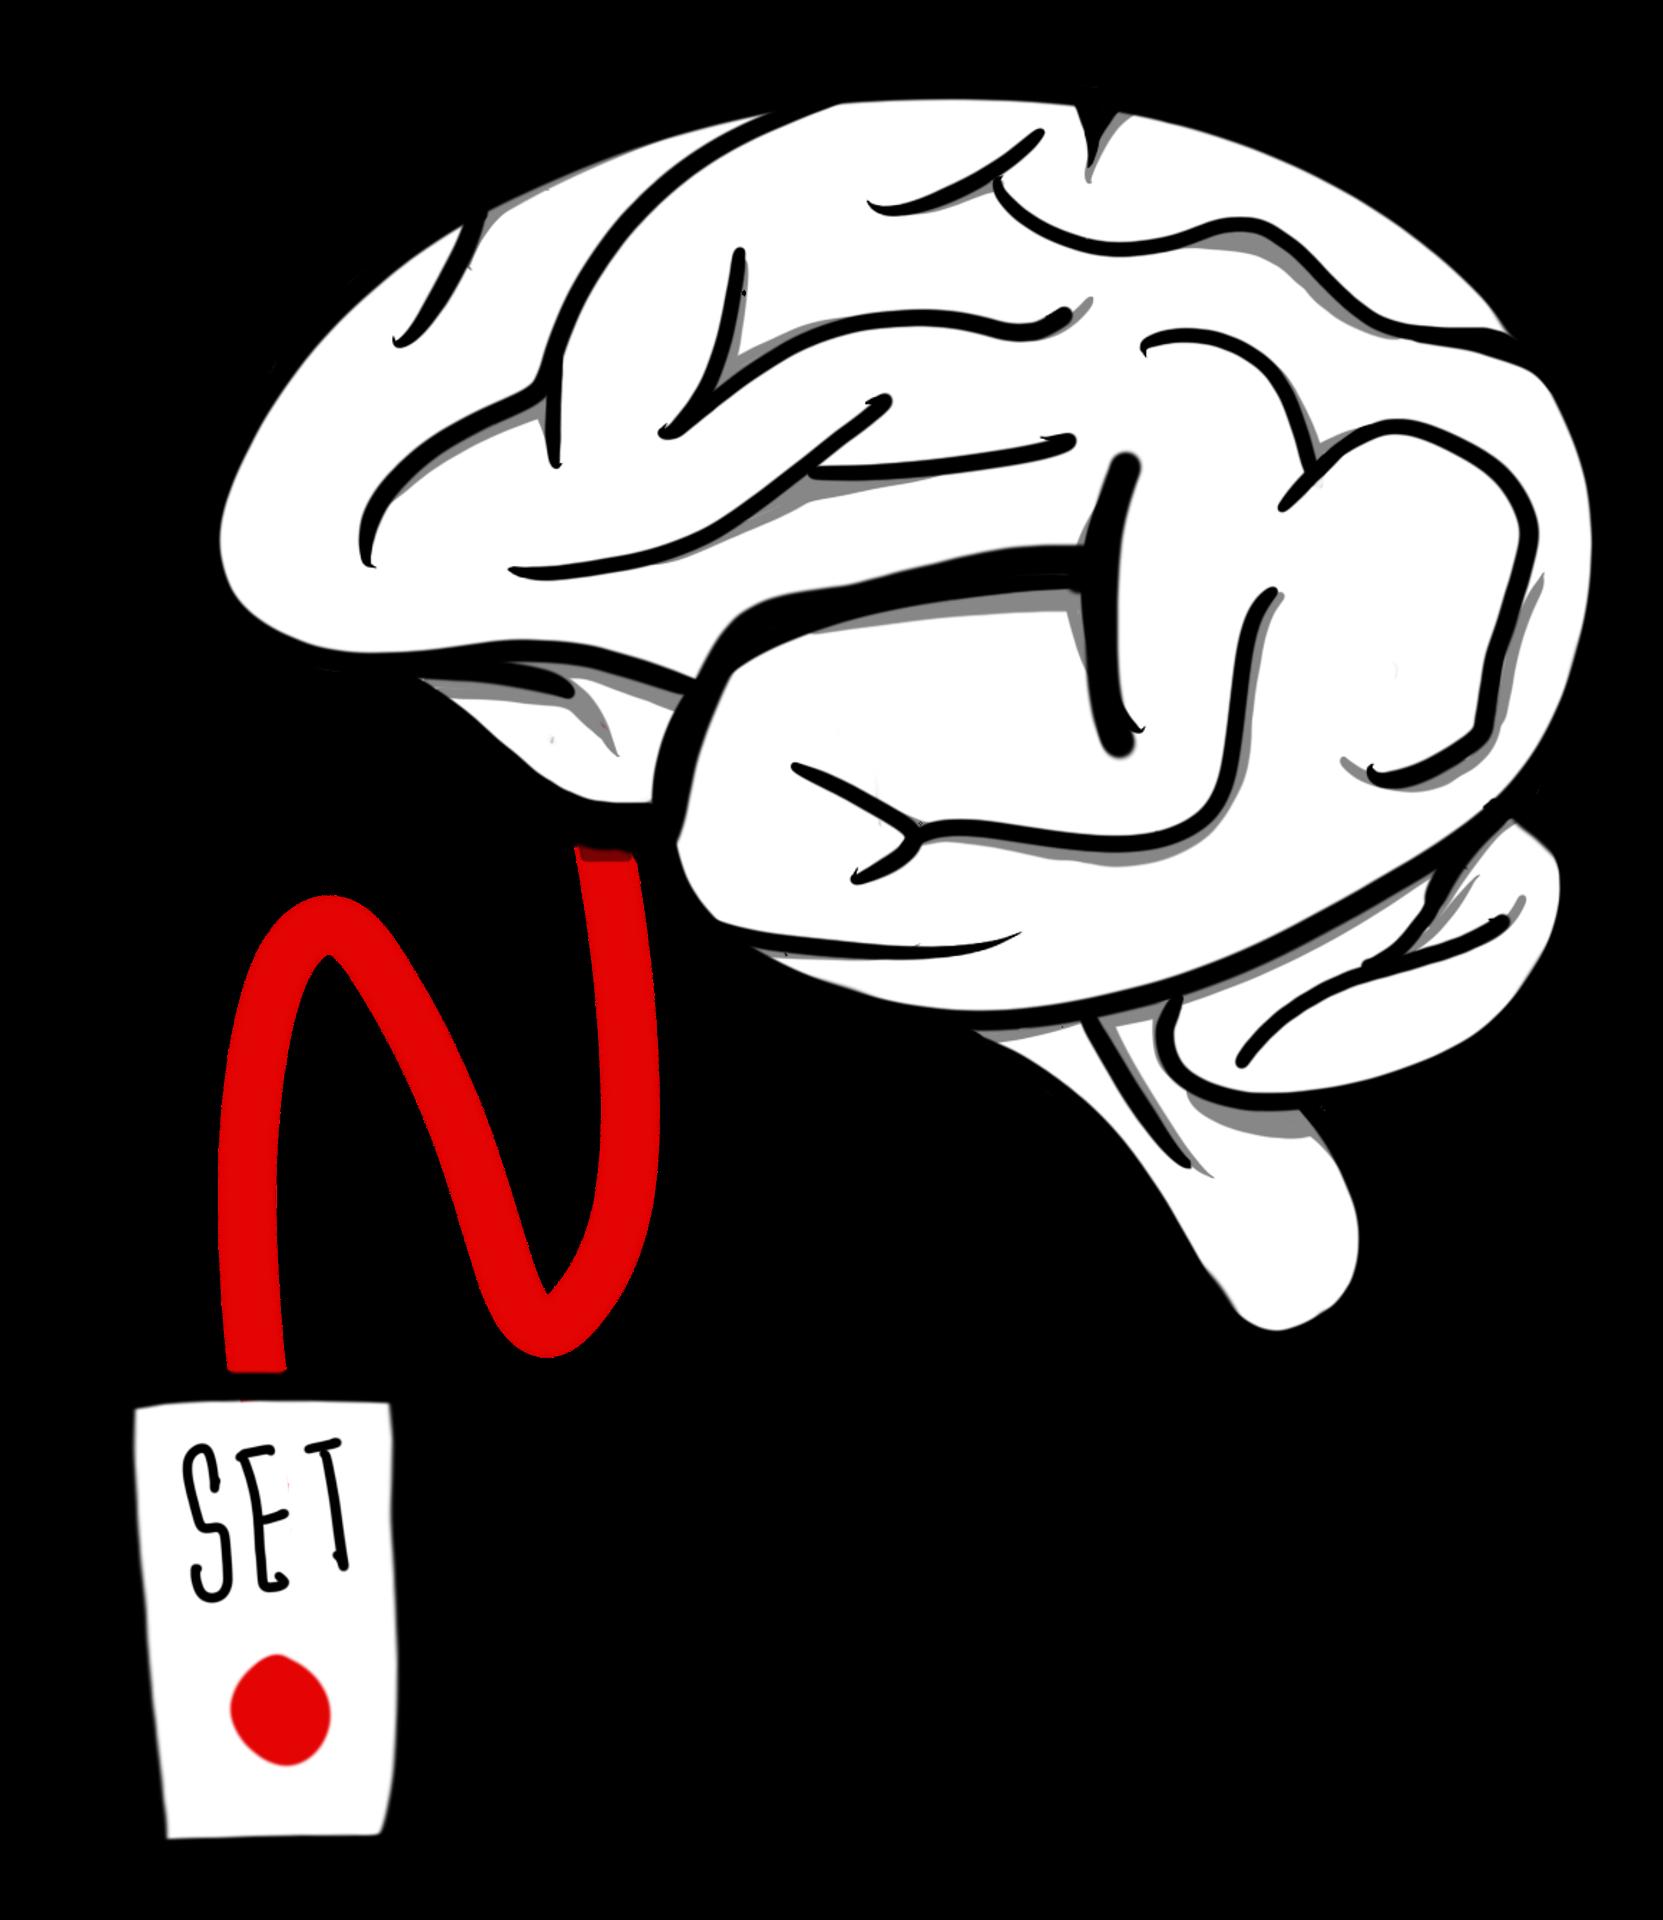 Cerebro conectado a un dispositivo listo para configurar